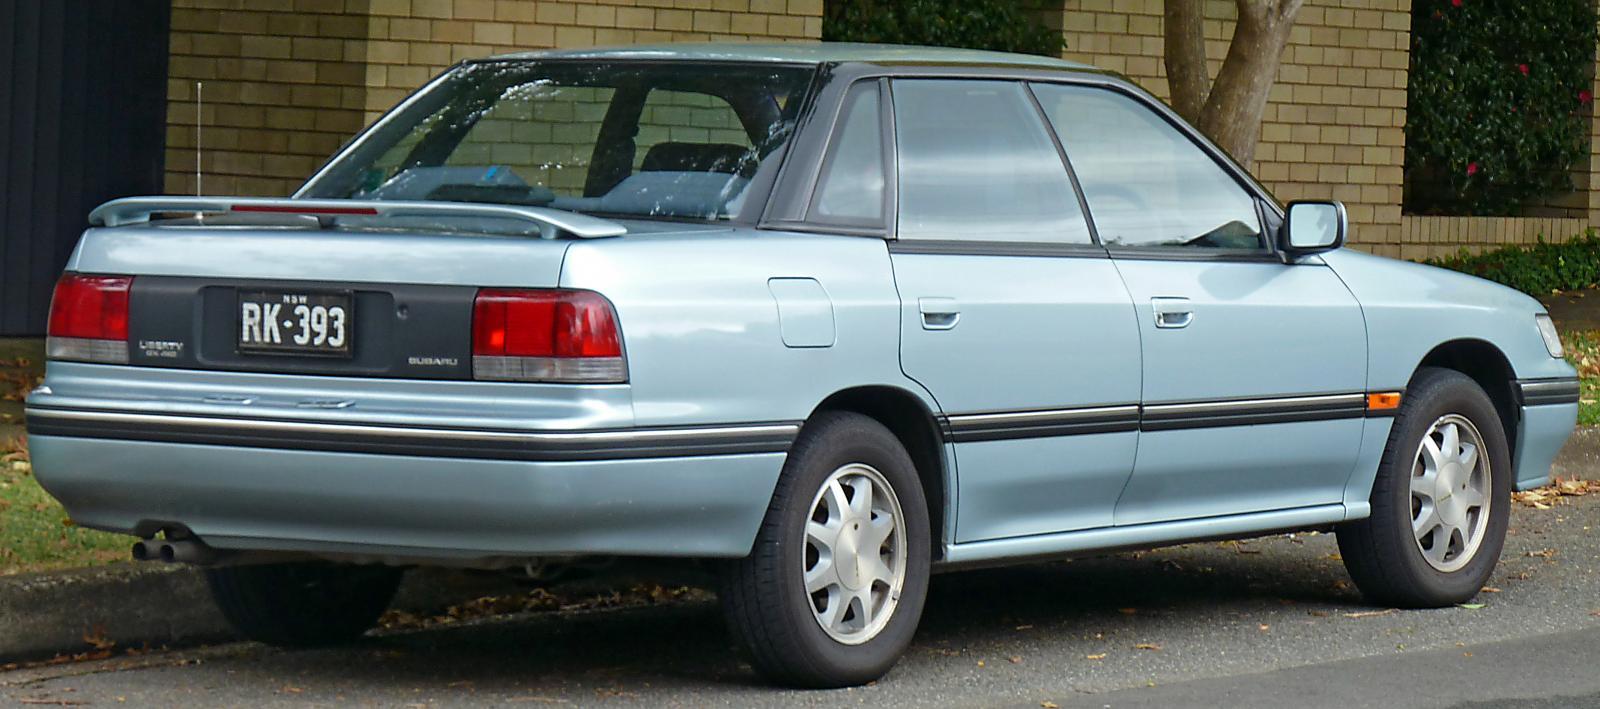 1994 Subaru Svx Fuse Box Wiring Library 1992 Legacy Under Dash Diagram 2